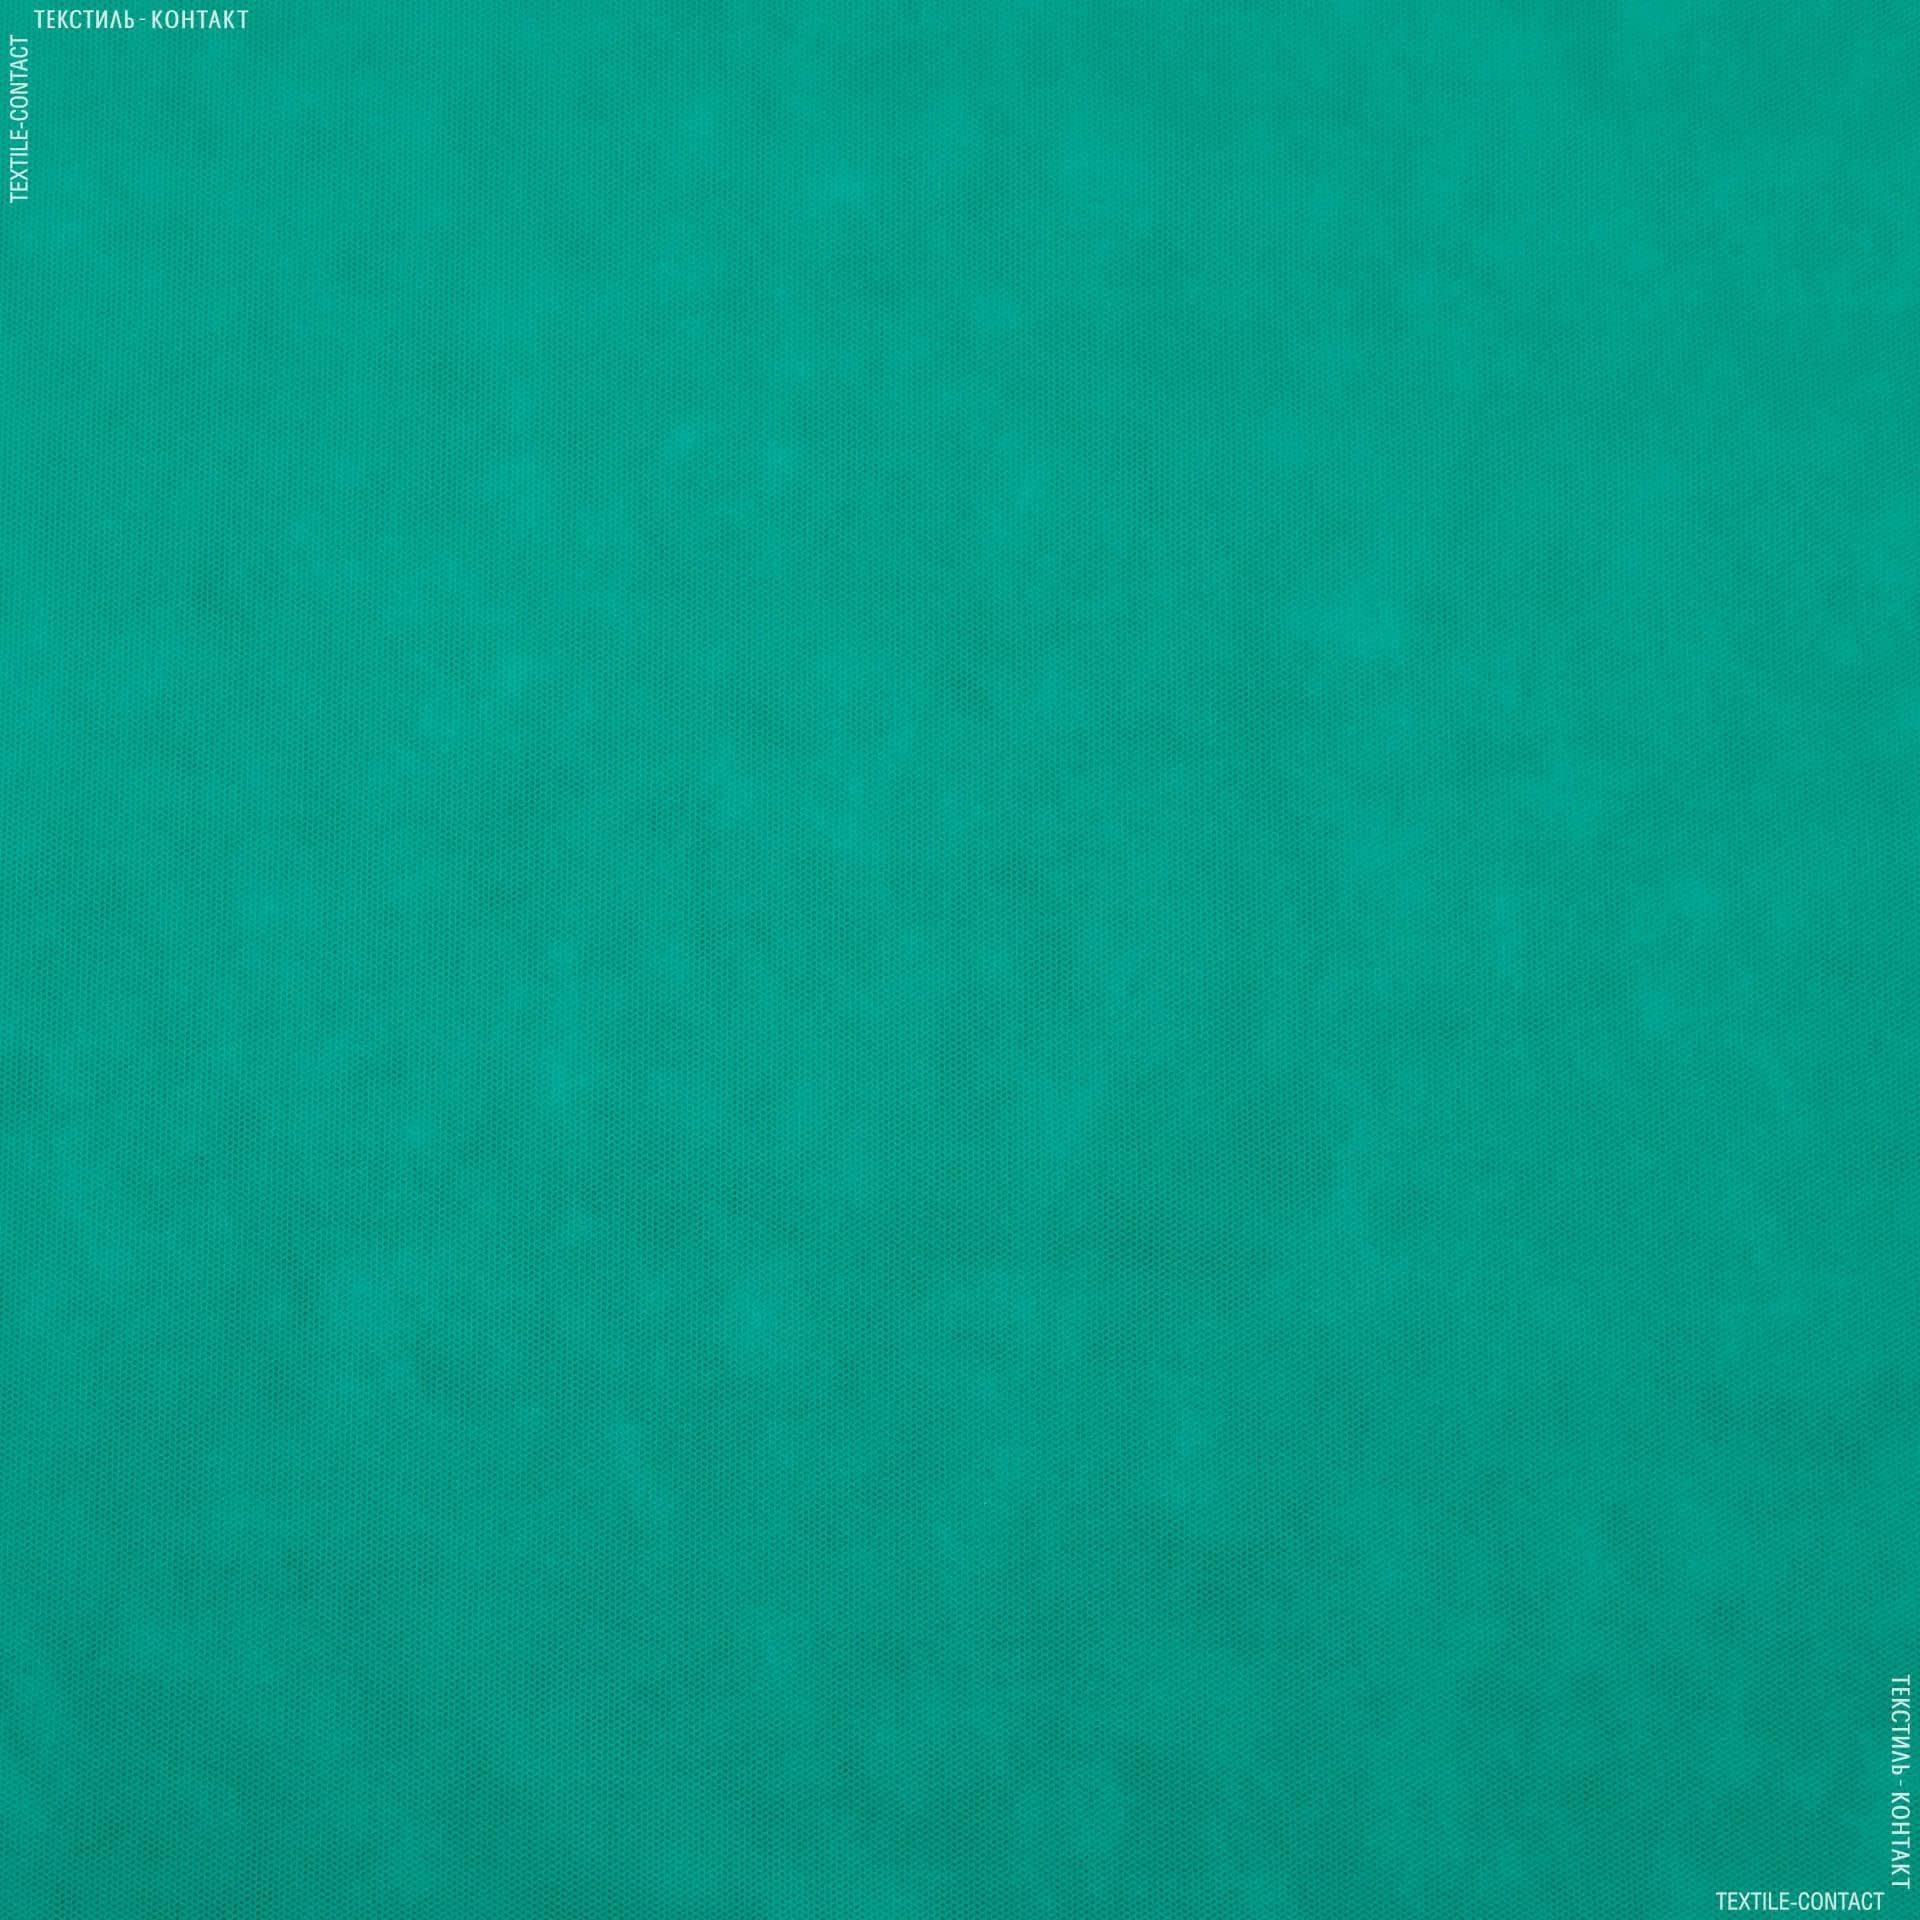 Ткани для мед. одежды - Спанбонд 60g ярко-зеленый